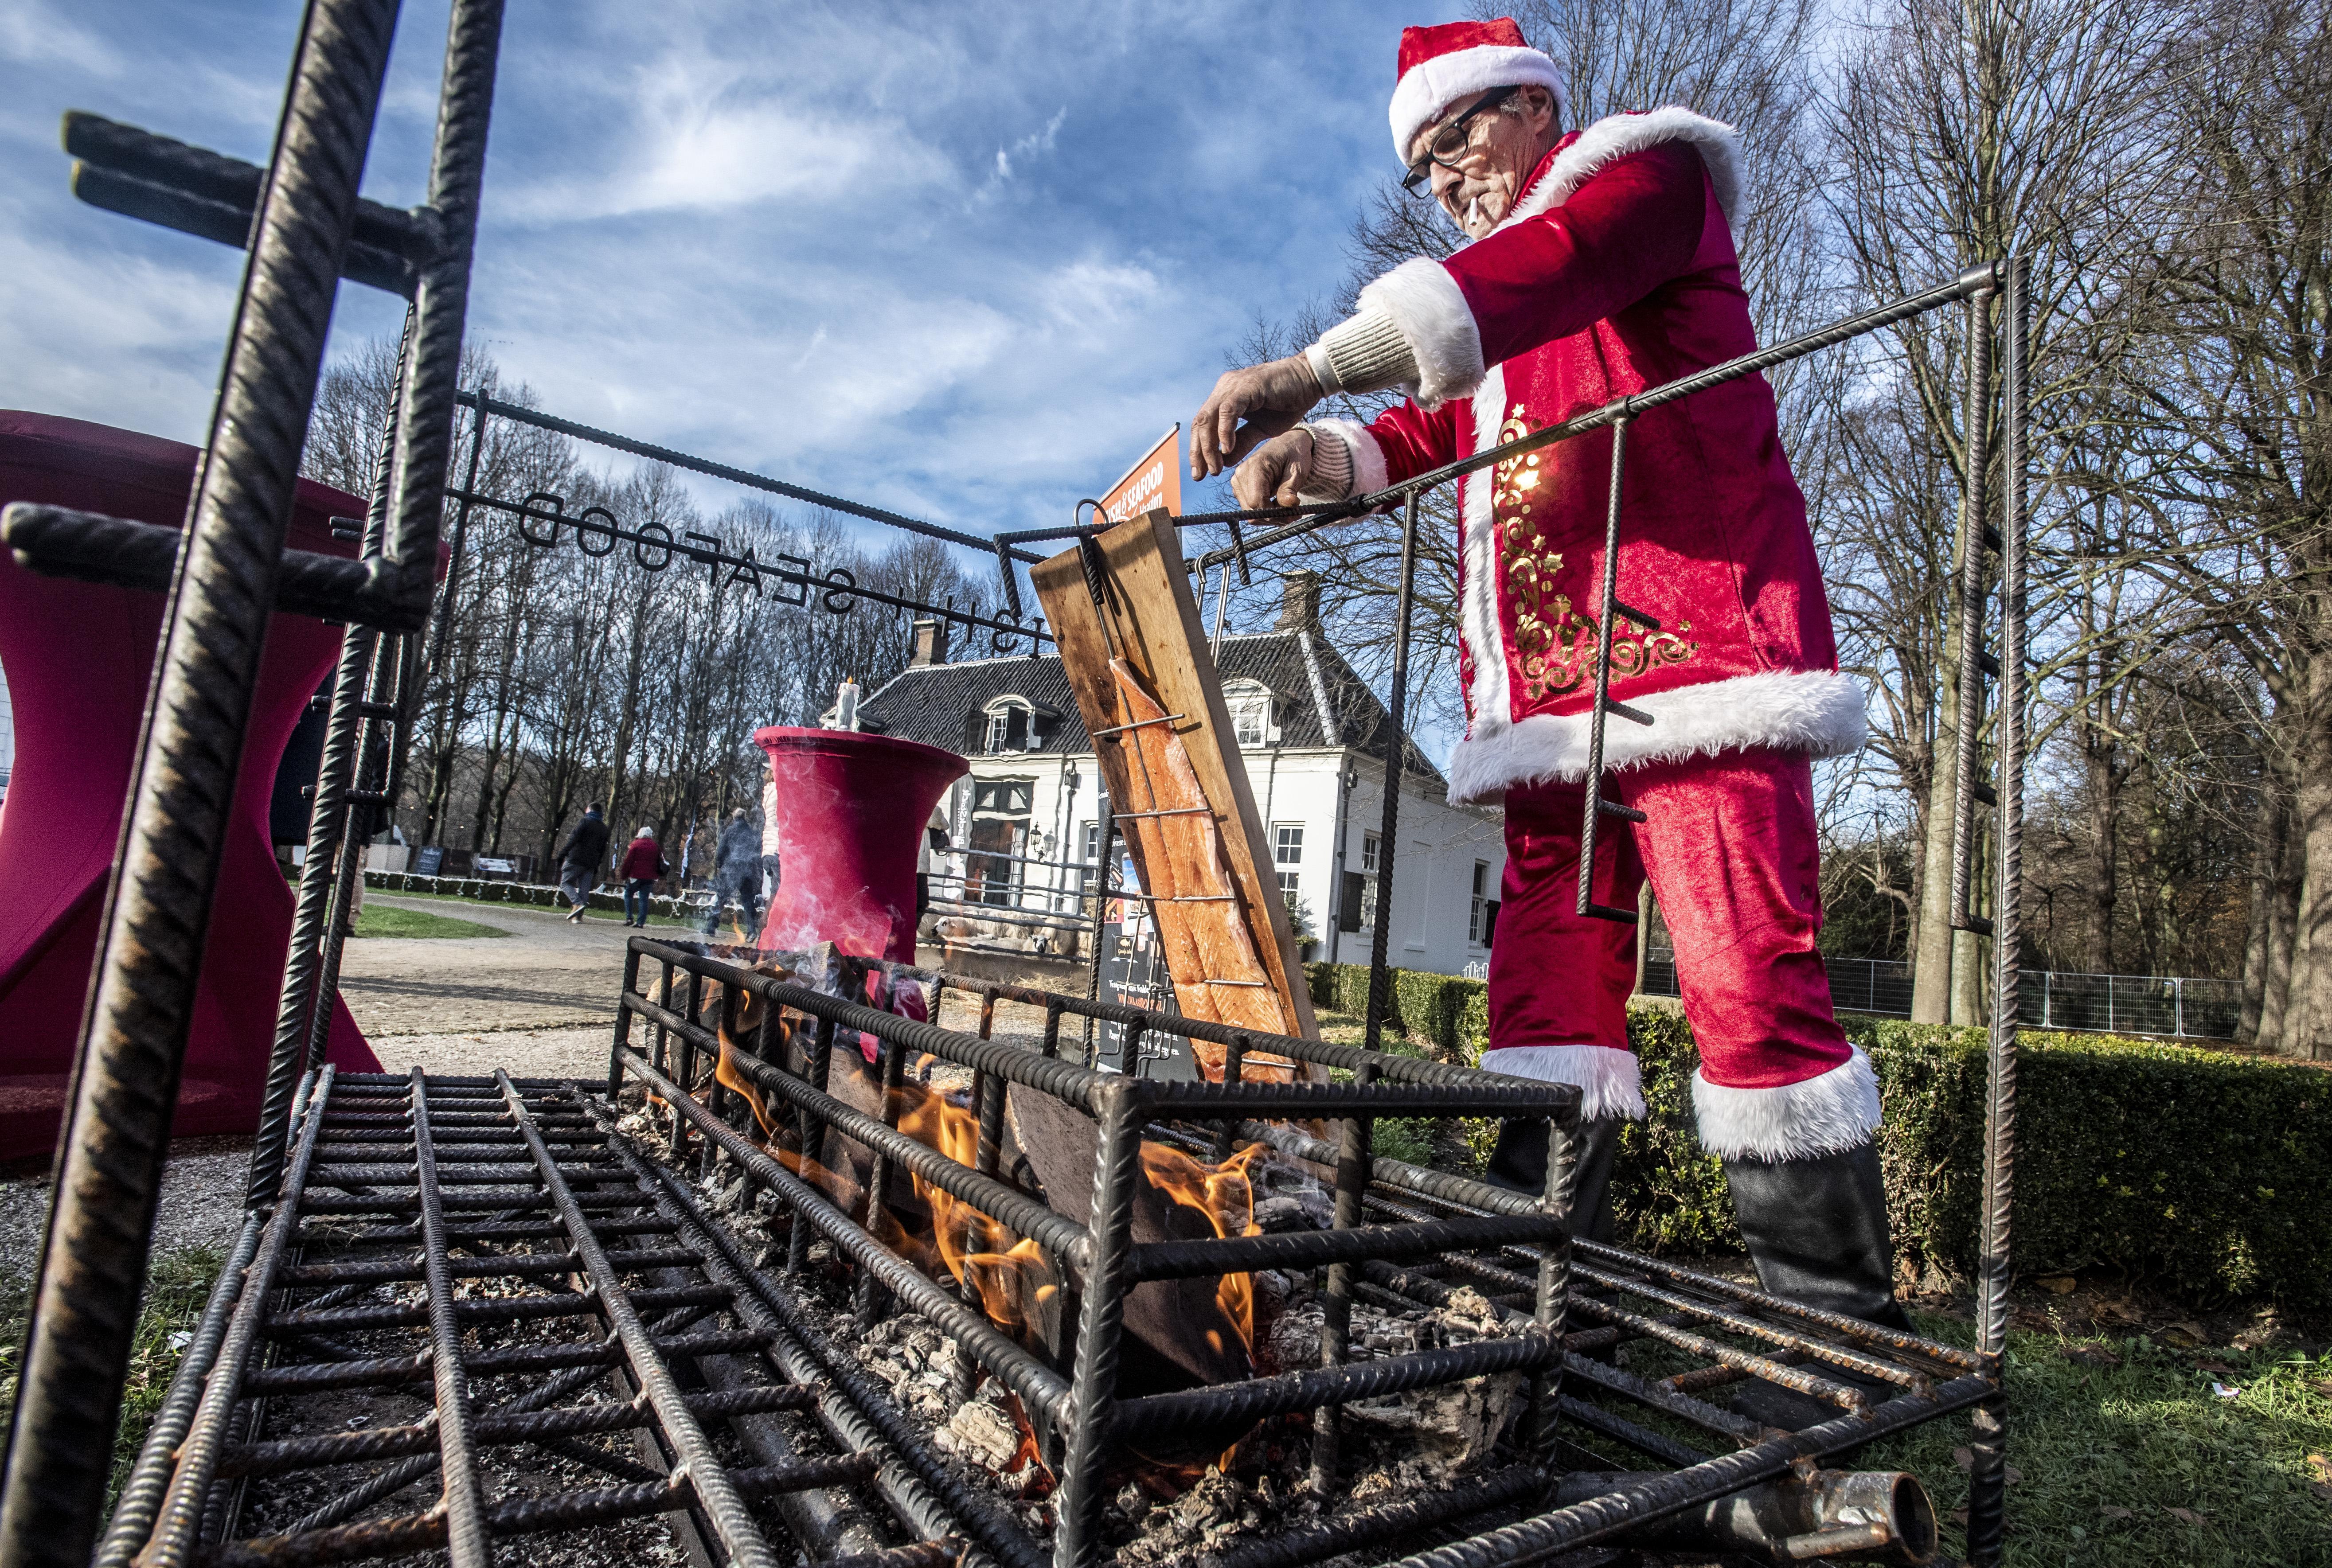 Coronacrisis leidt ook tot afblazen van Castle Christmas Fair op Buitenplaats Beeckestijn in Velsen-Zuid